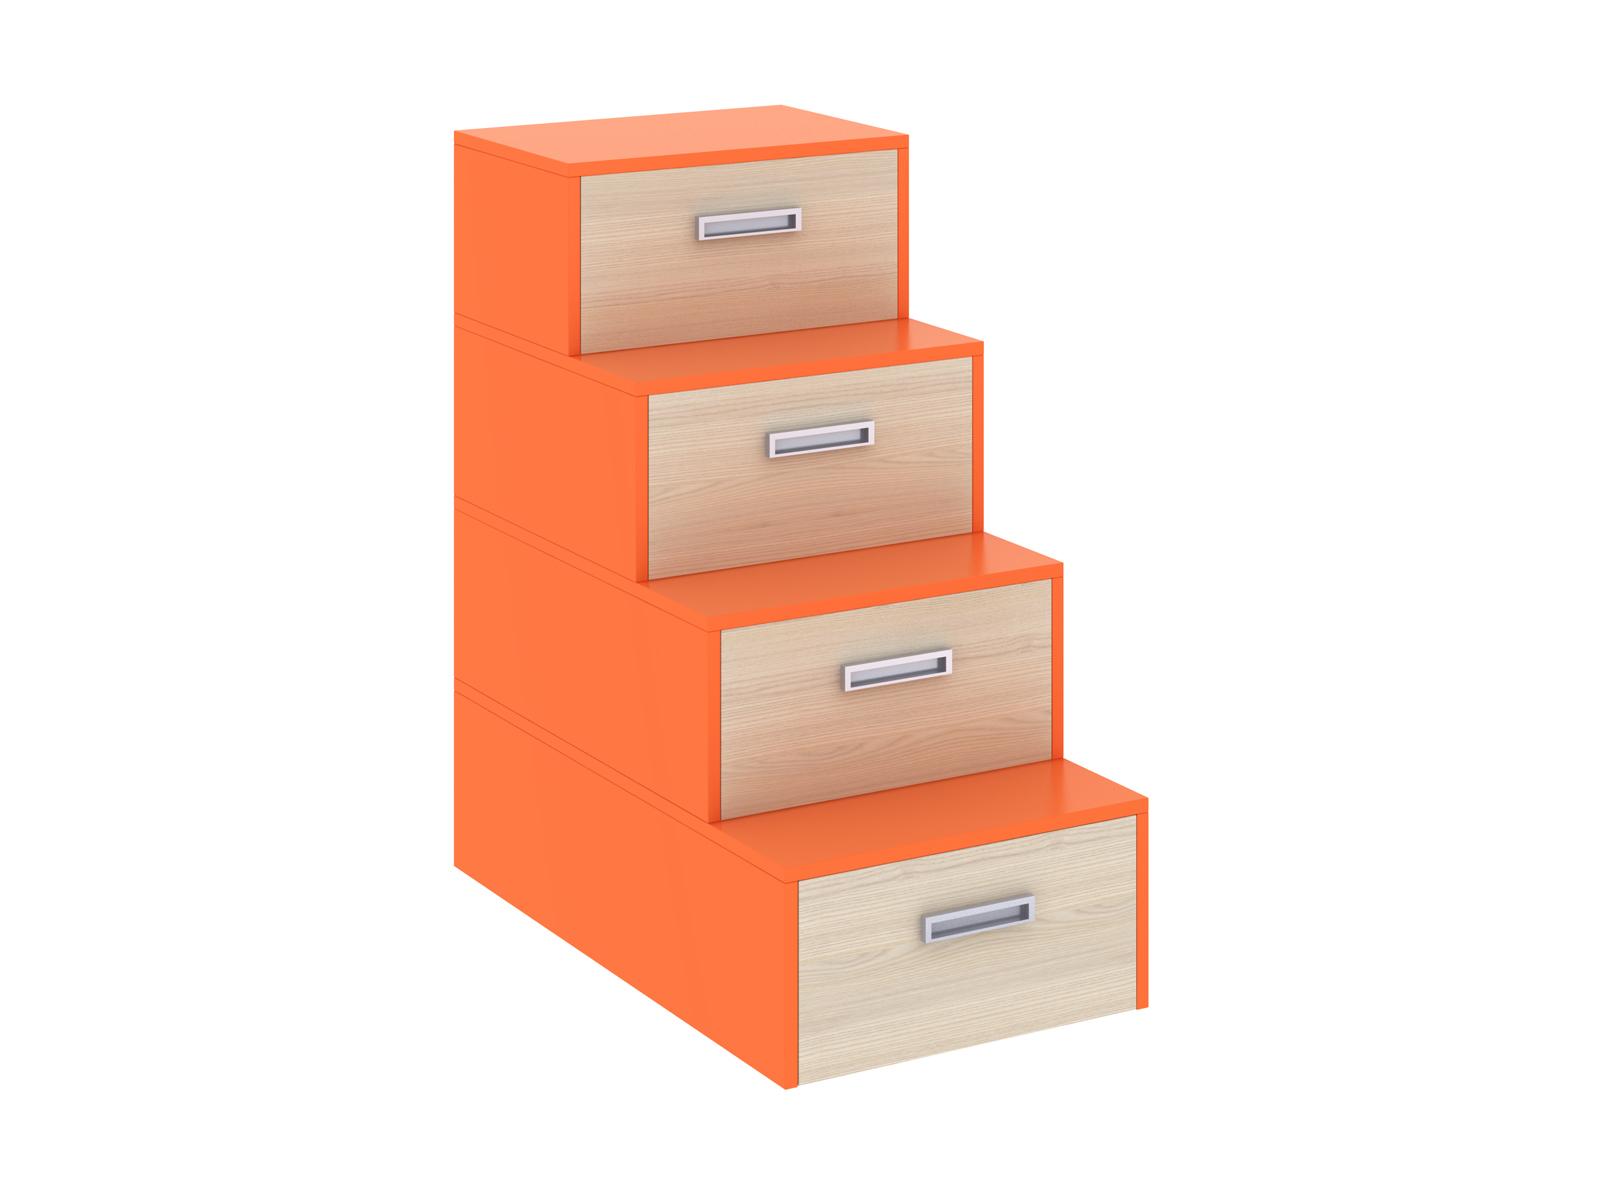 Лестница-комод PinokkioДетские комоды<br>Лестница идёт в дополнение к секции для двухъярусной кровати.&amp;amp;nbsp;&amp;lt;div&amp;gt;В ступеньках лестницы размещаются выдвижные ящики.&amp;amp;nbsp;&amp;lt;/div&amp;gt;<br><br>Material: ДСП<br>Ширина см: 58<br>Высота см: 111<br>Глубина см: 106